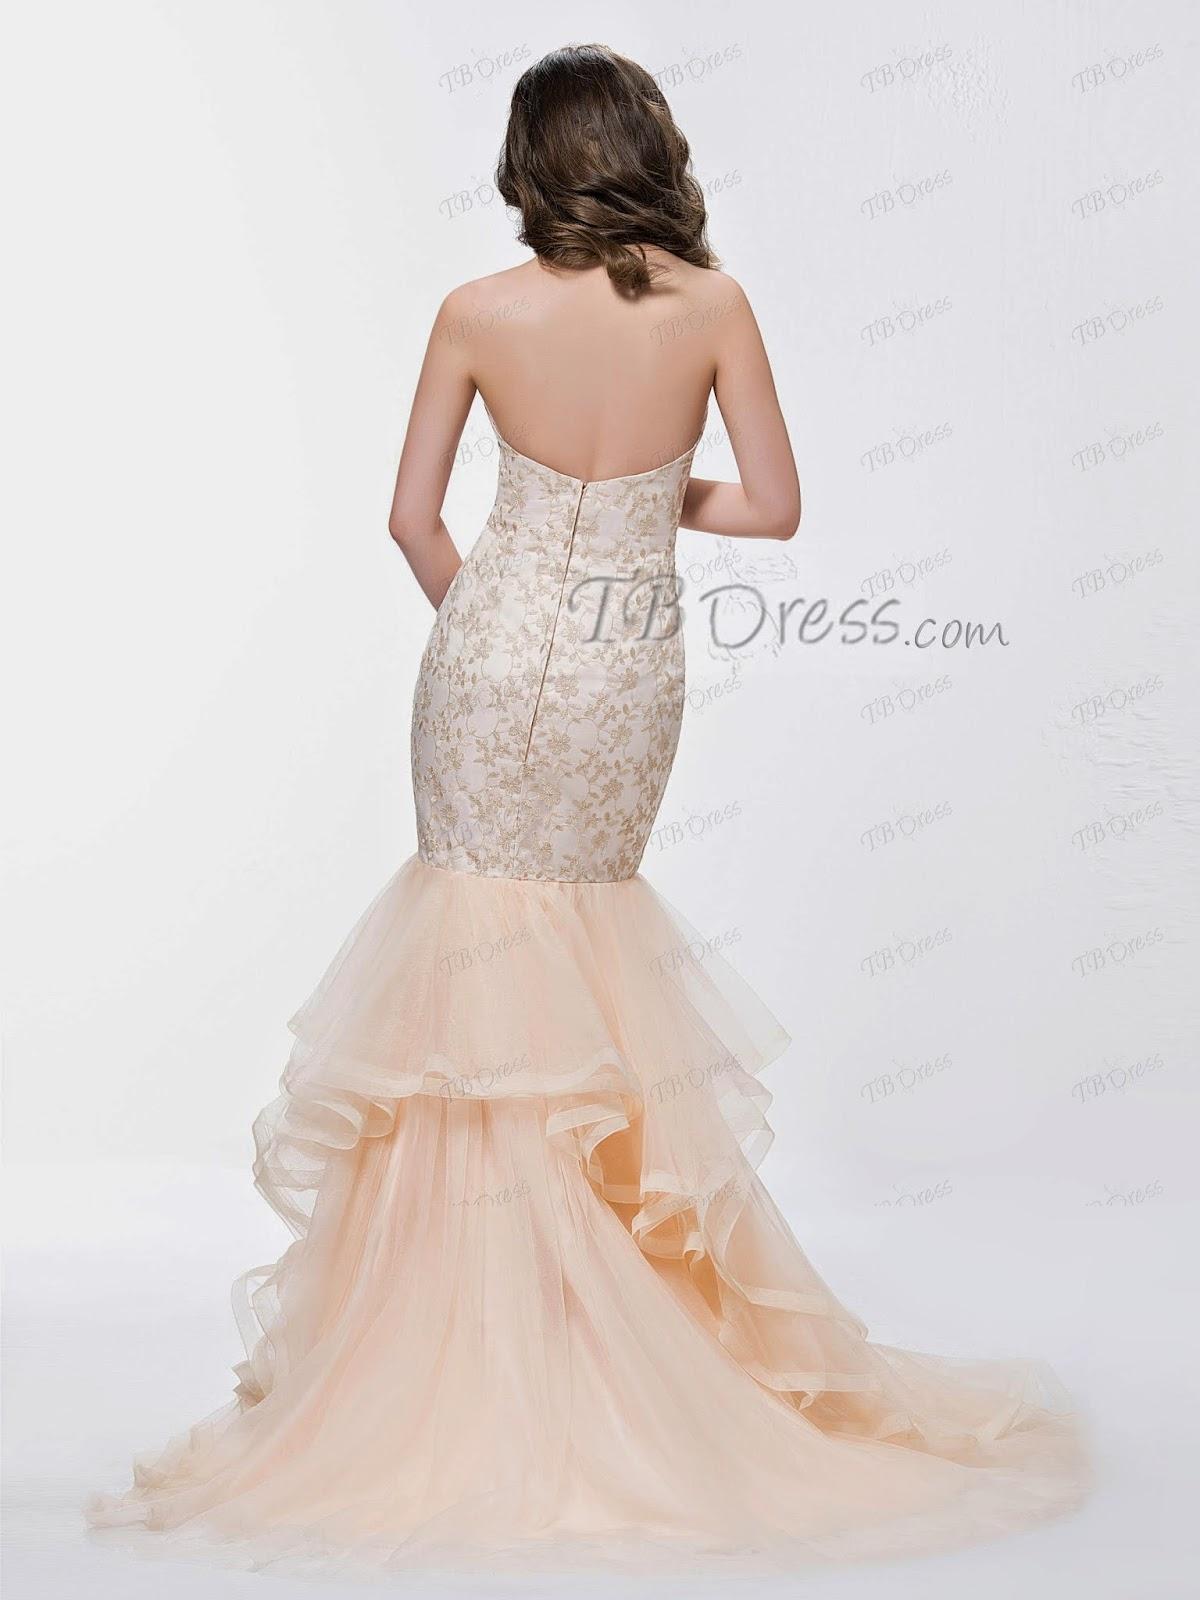 Cette robe n'est pas chere